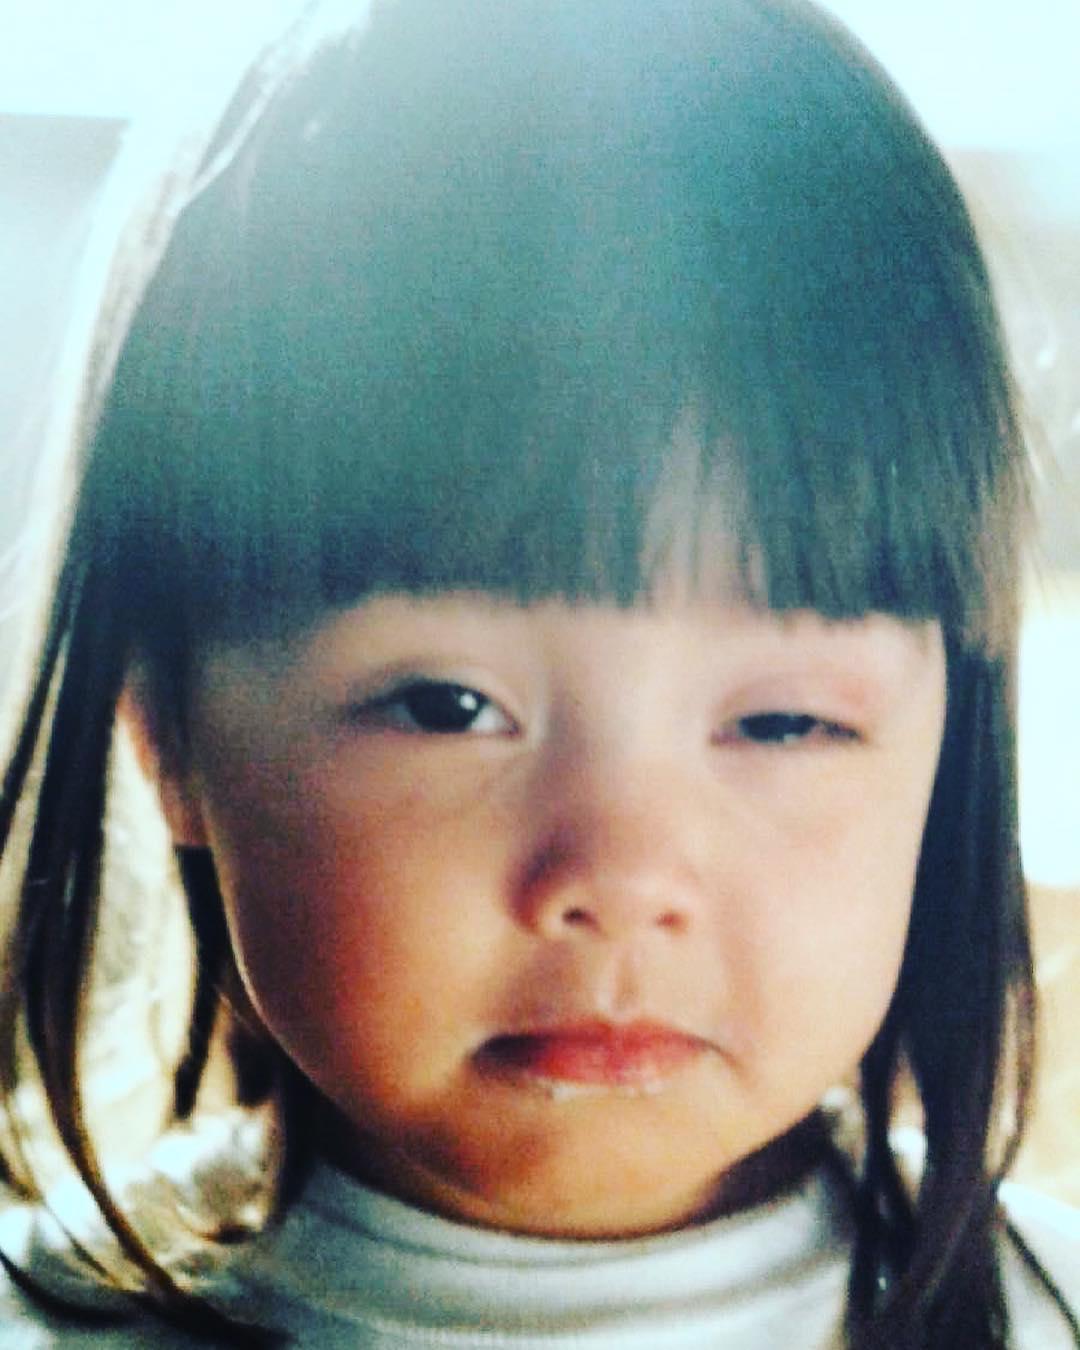 Ariel Tweto when child, has a black short hair